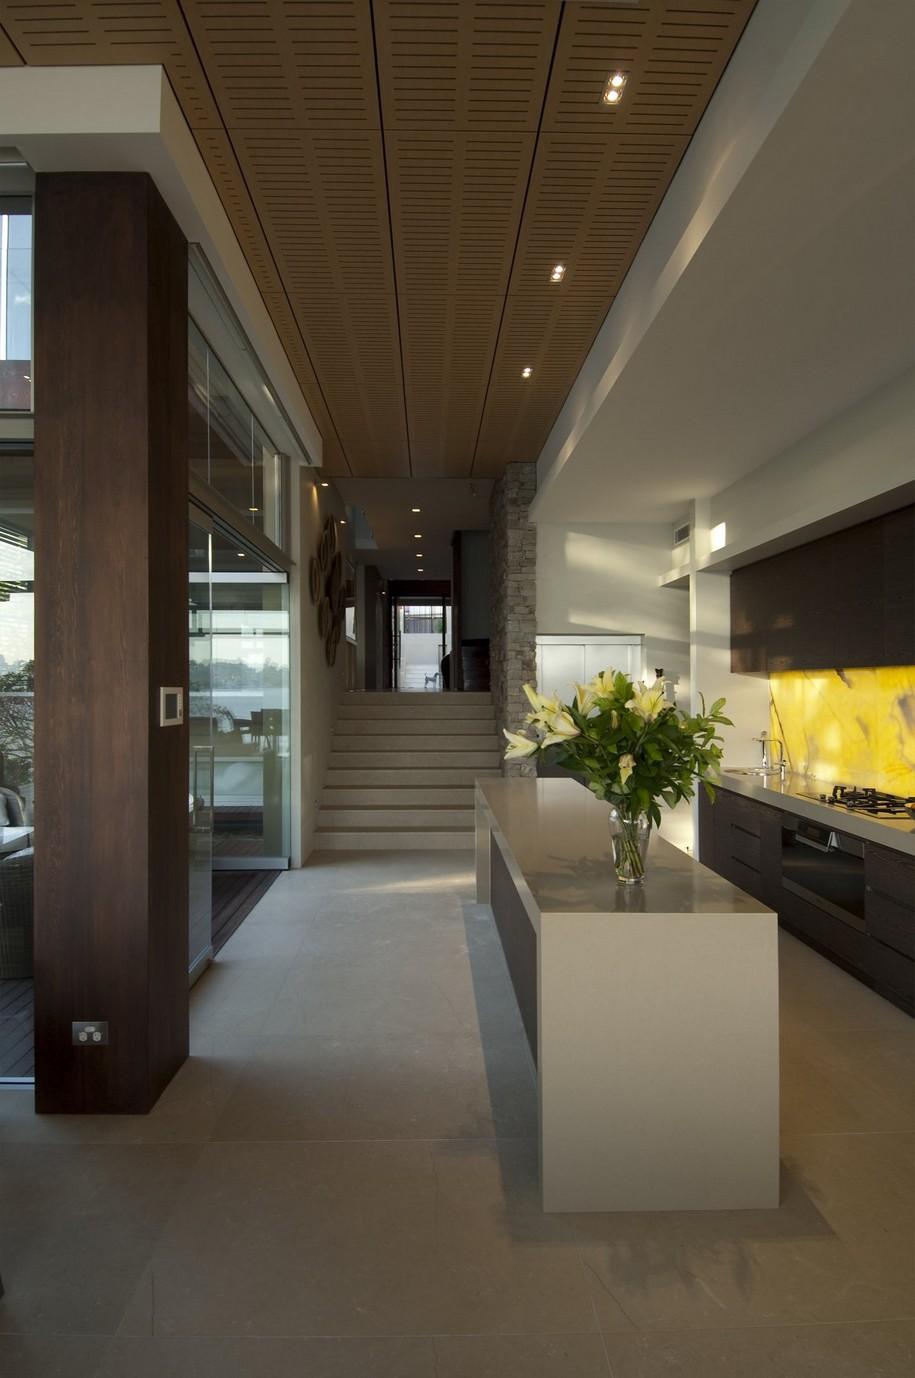 Частный дом в дорогом районе Воклюз в Сиднее, Австралия